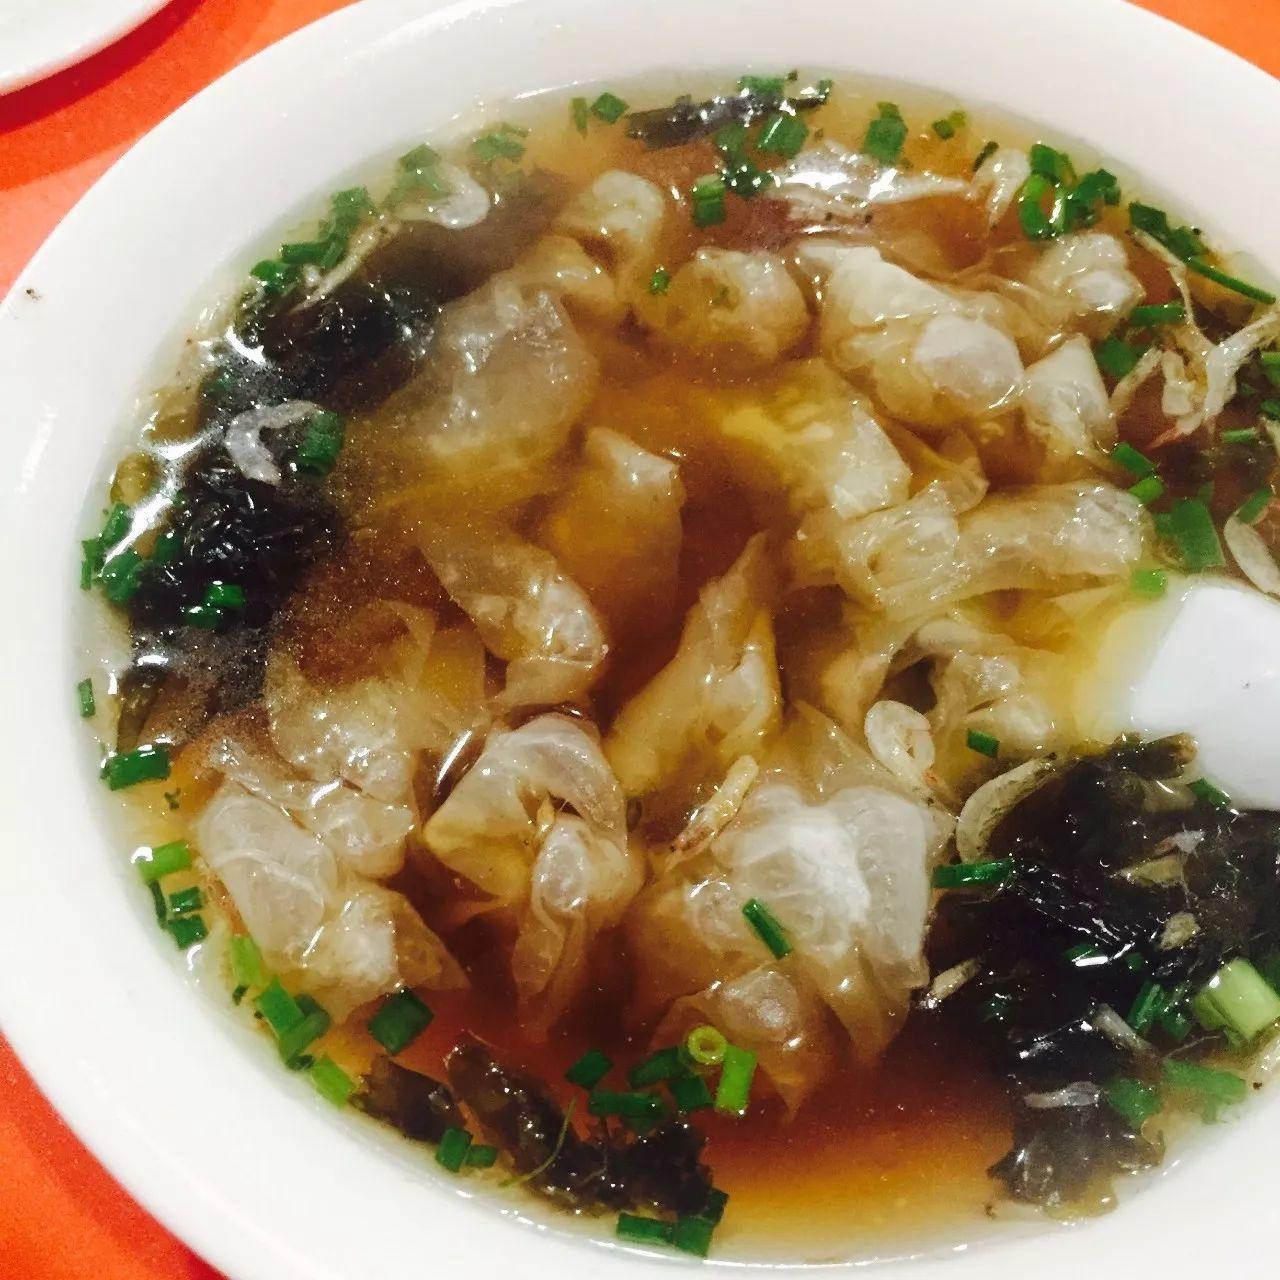 作为中国小吃四巨头之一 它竟被CNN评为全球排名第一